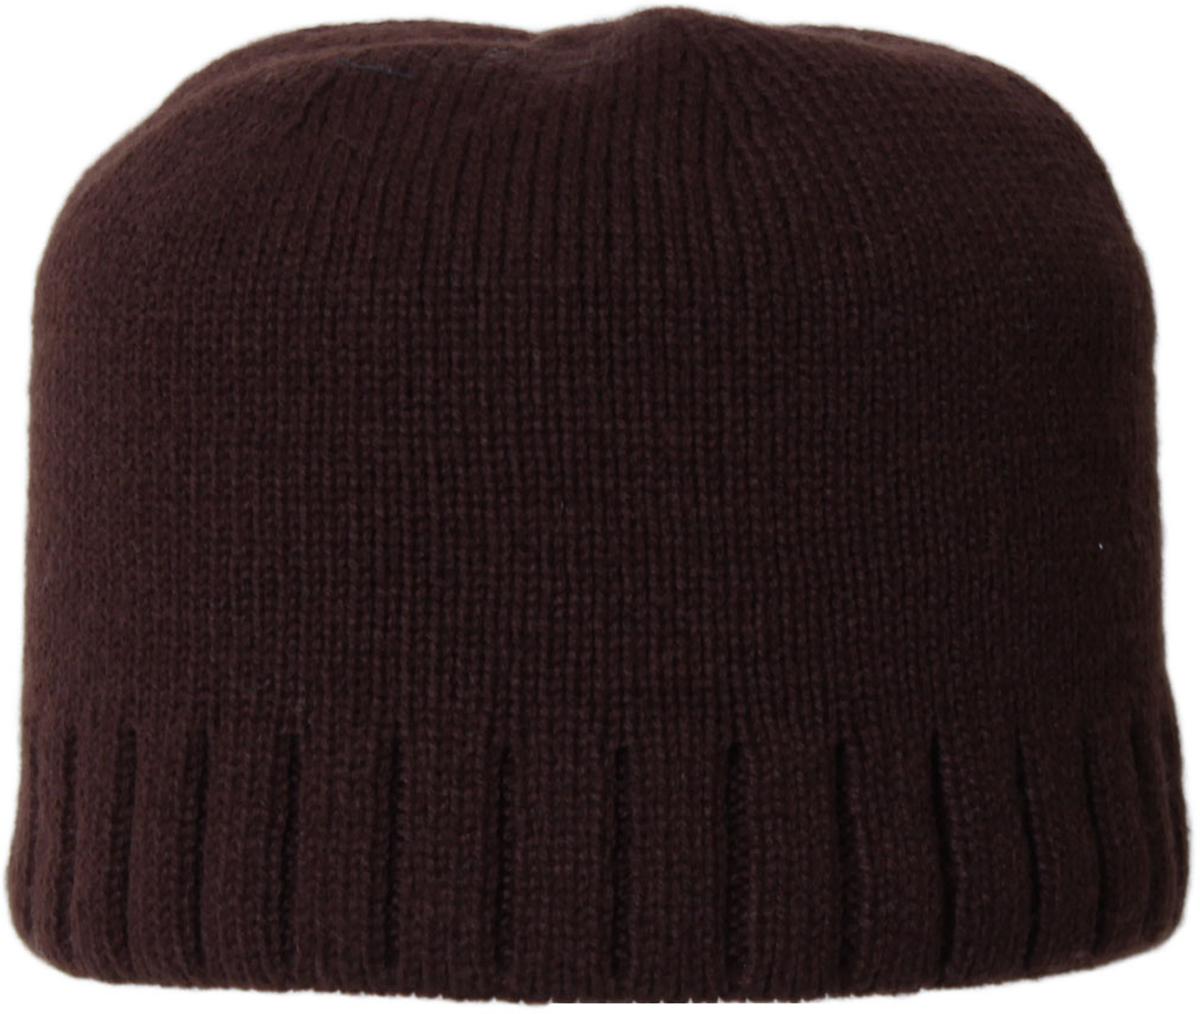 Шапка мужская. 5-0305-030Вязаная мужская шапка отлично подойдет для повседневной носки и активного отдыха в зимнее время года. Быстро выводит влагу от тела, оставляя изделие сухим. Шапка подарит ощущение тепла и комфорта в прохладный день.